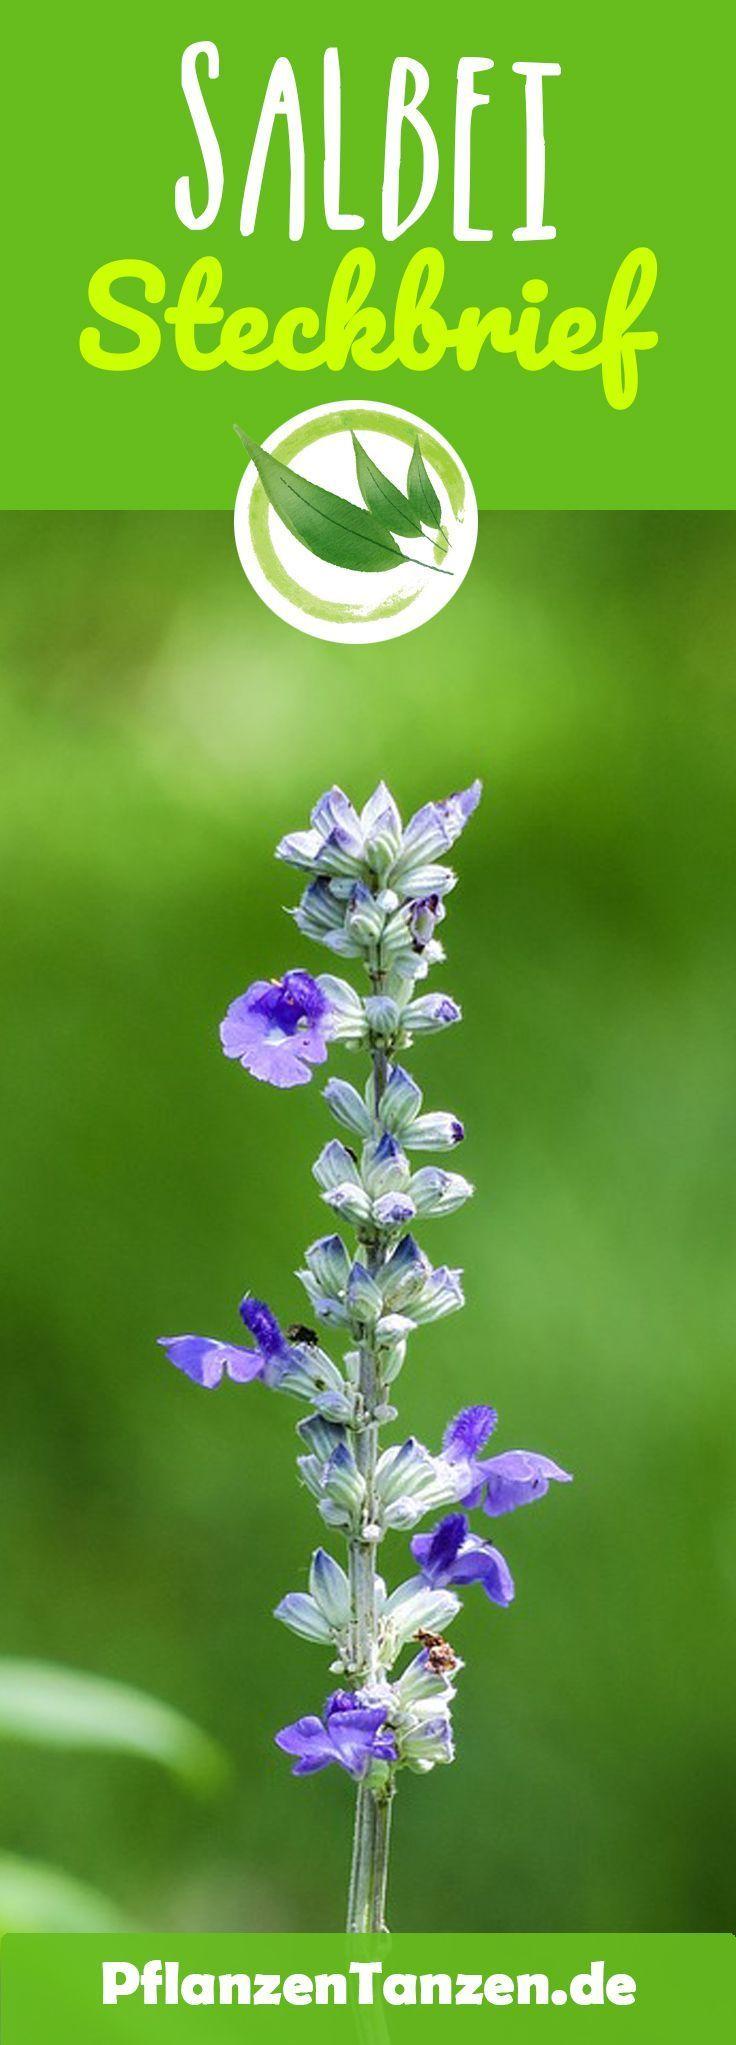 ||ᐅ Salbei Steckbrief – So kannst Du das Kraut anpflanzen & vermehren